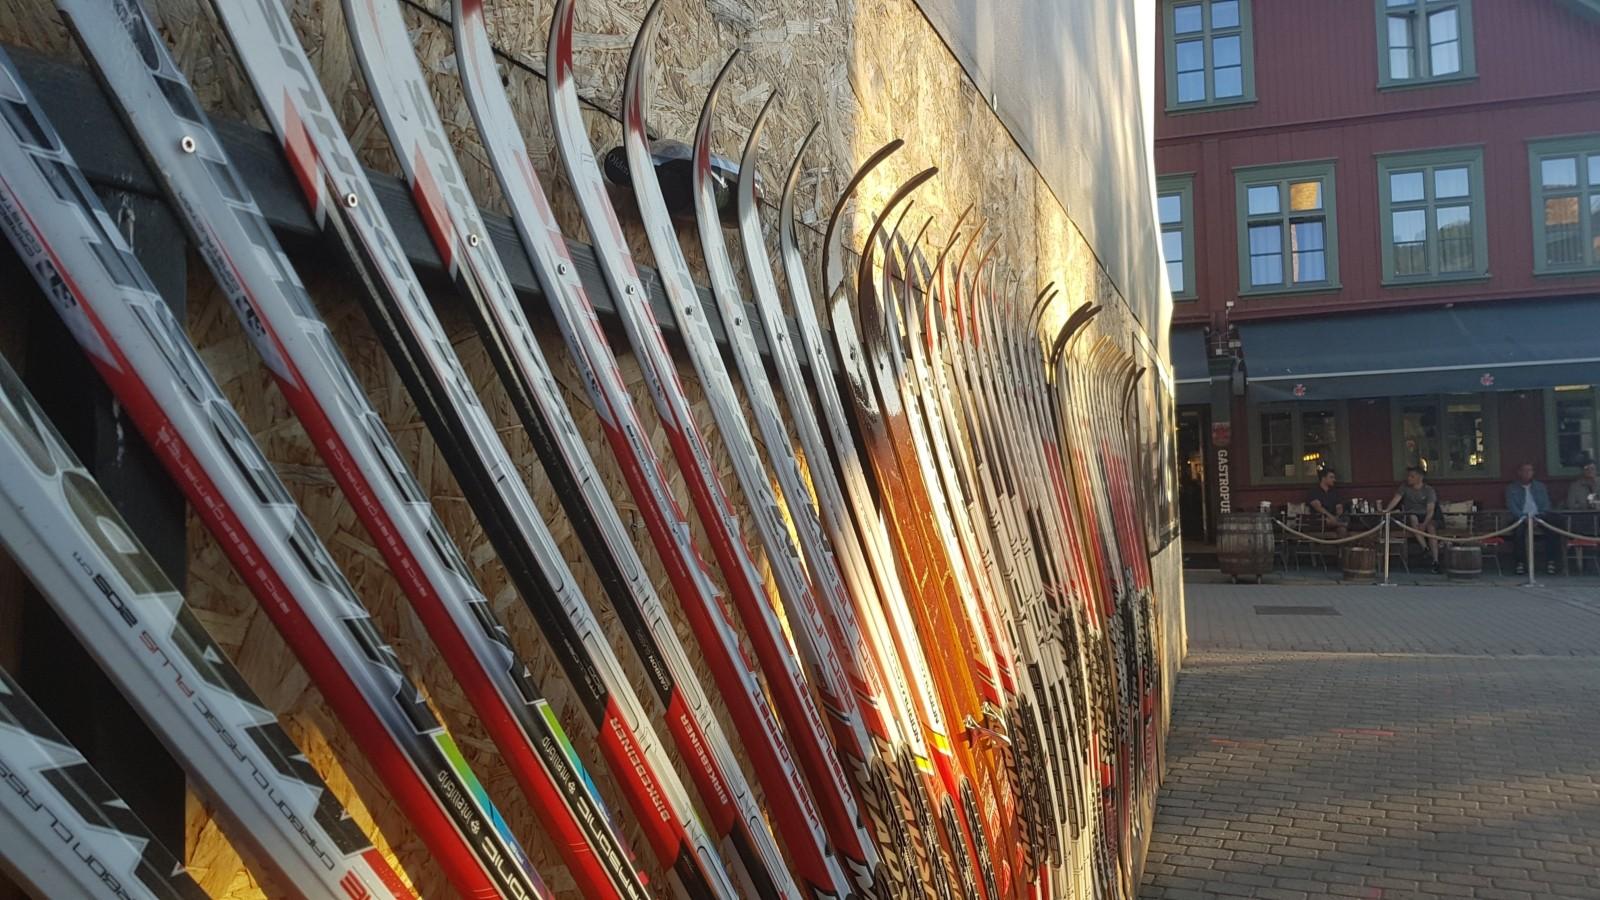 Ski Fences As Art